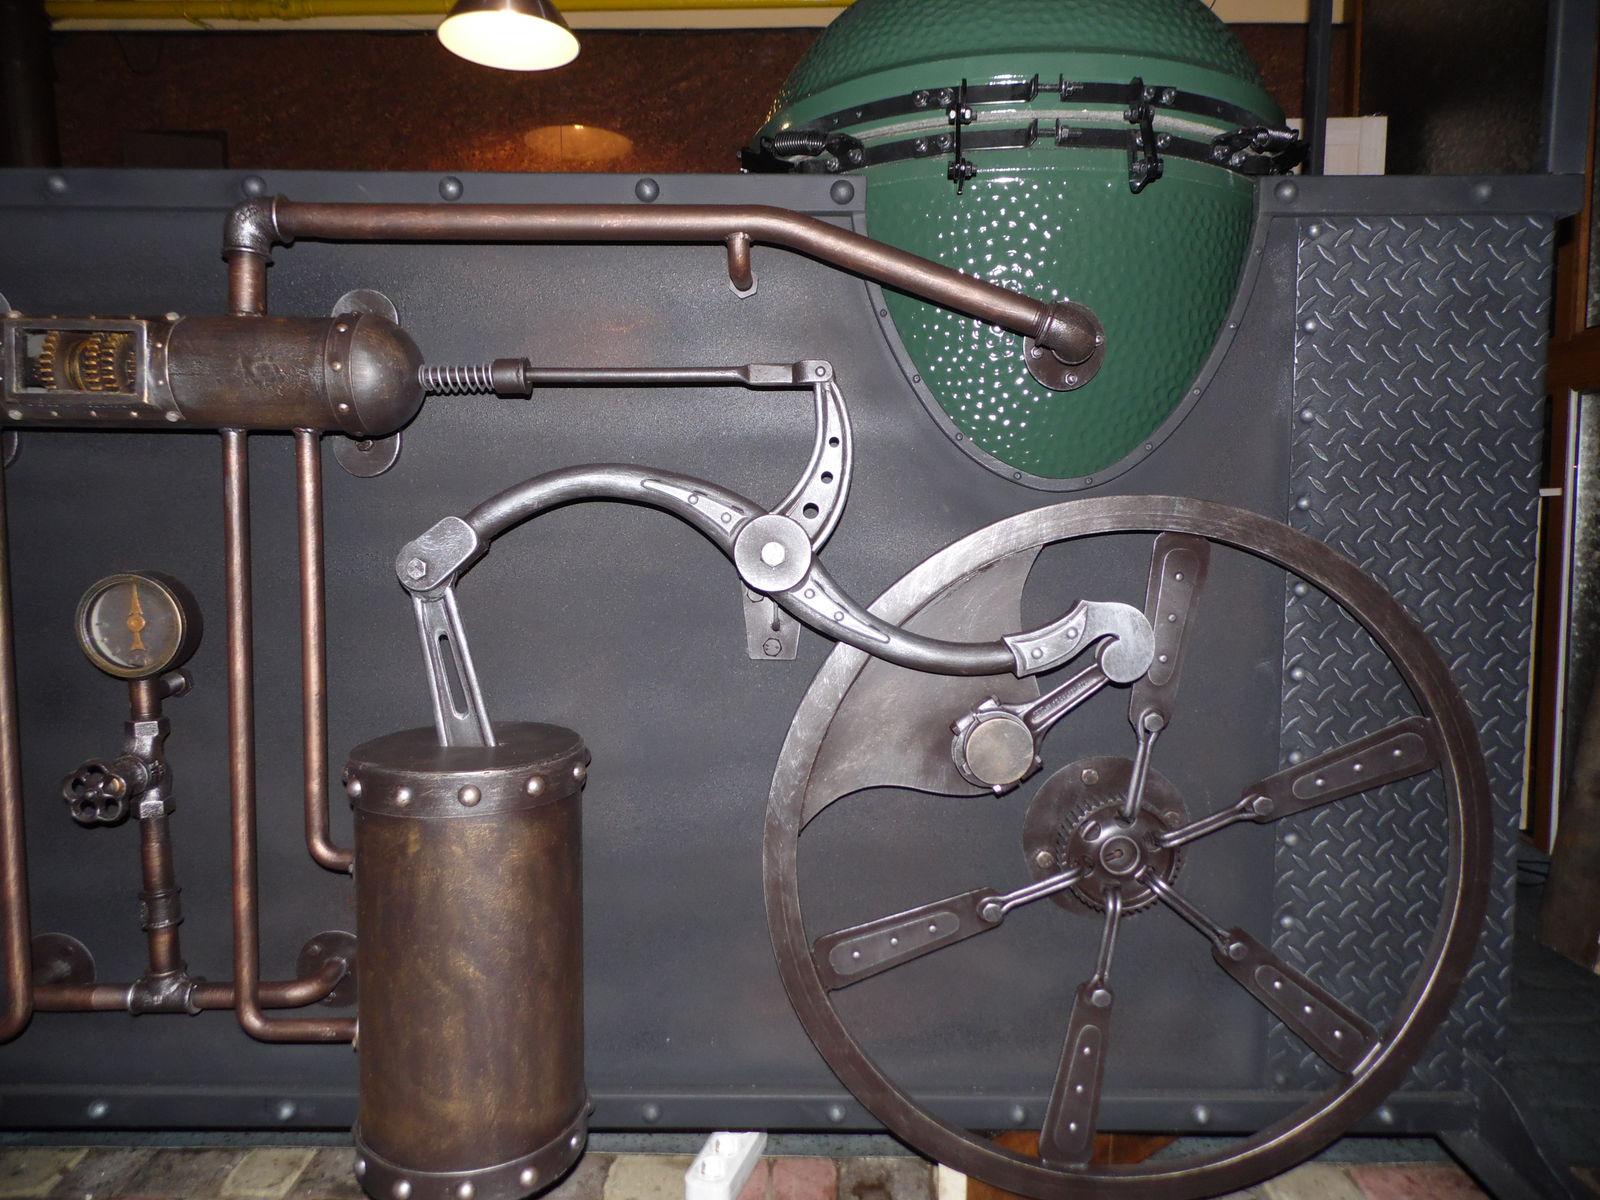 Ролл-бар, фасад стилизованный паровой двигатель